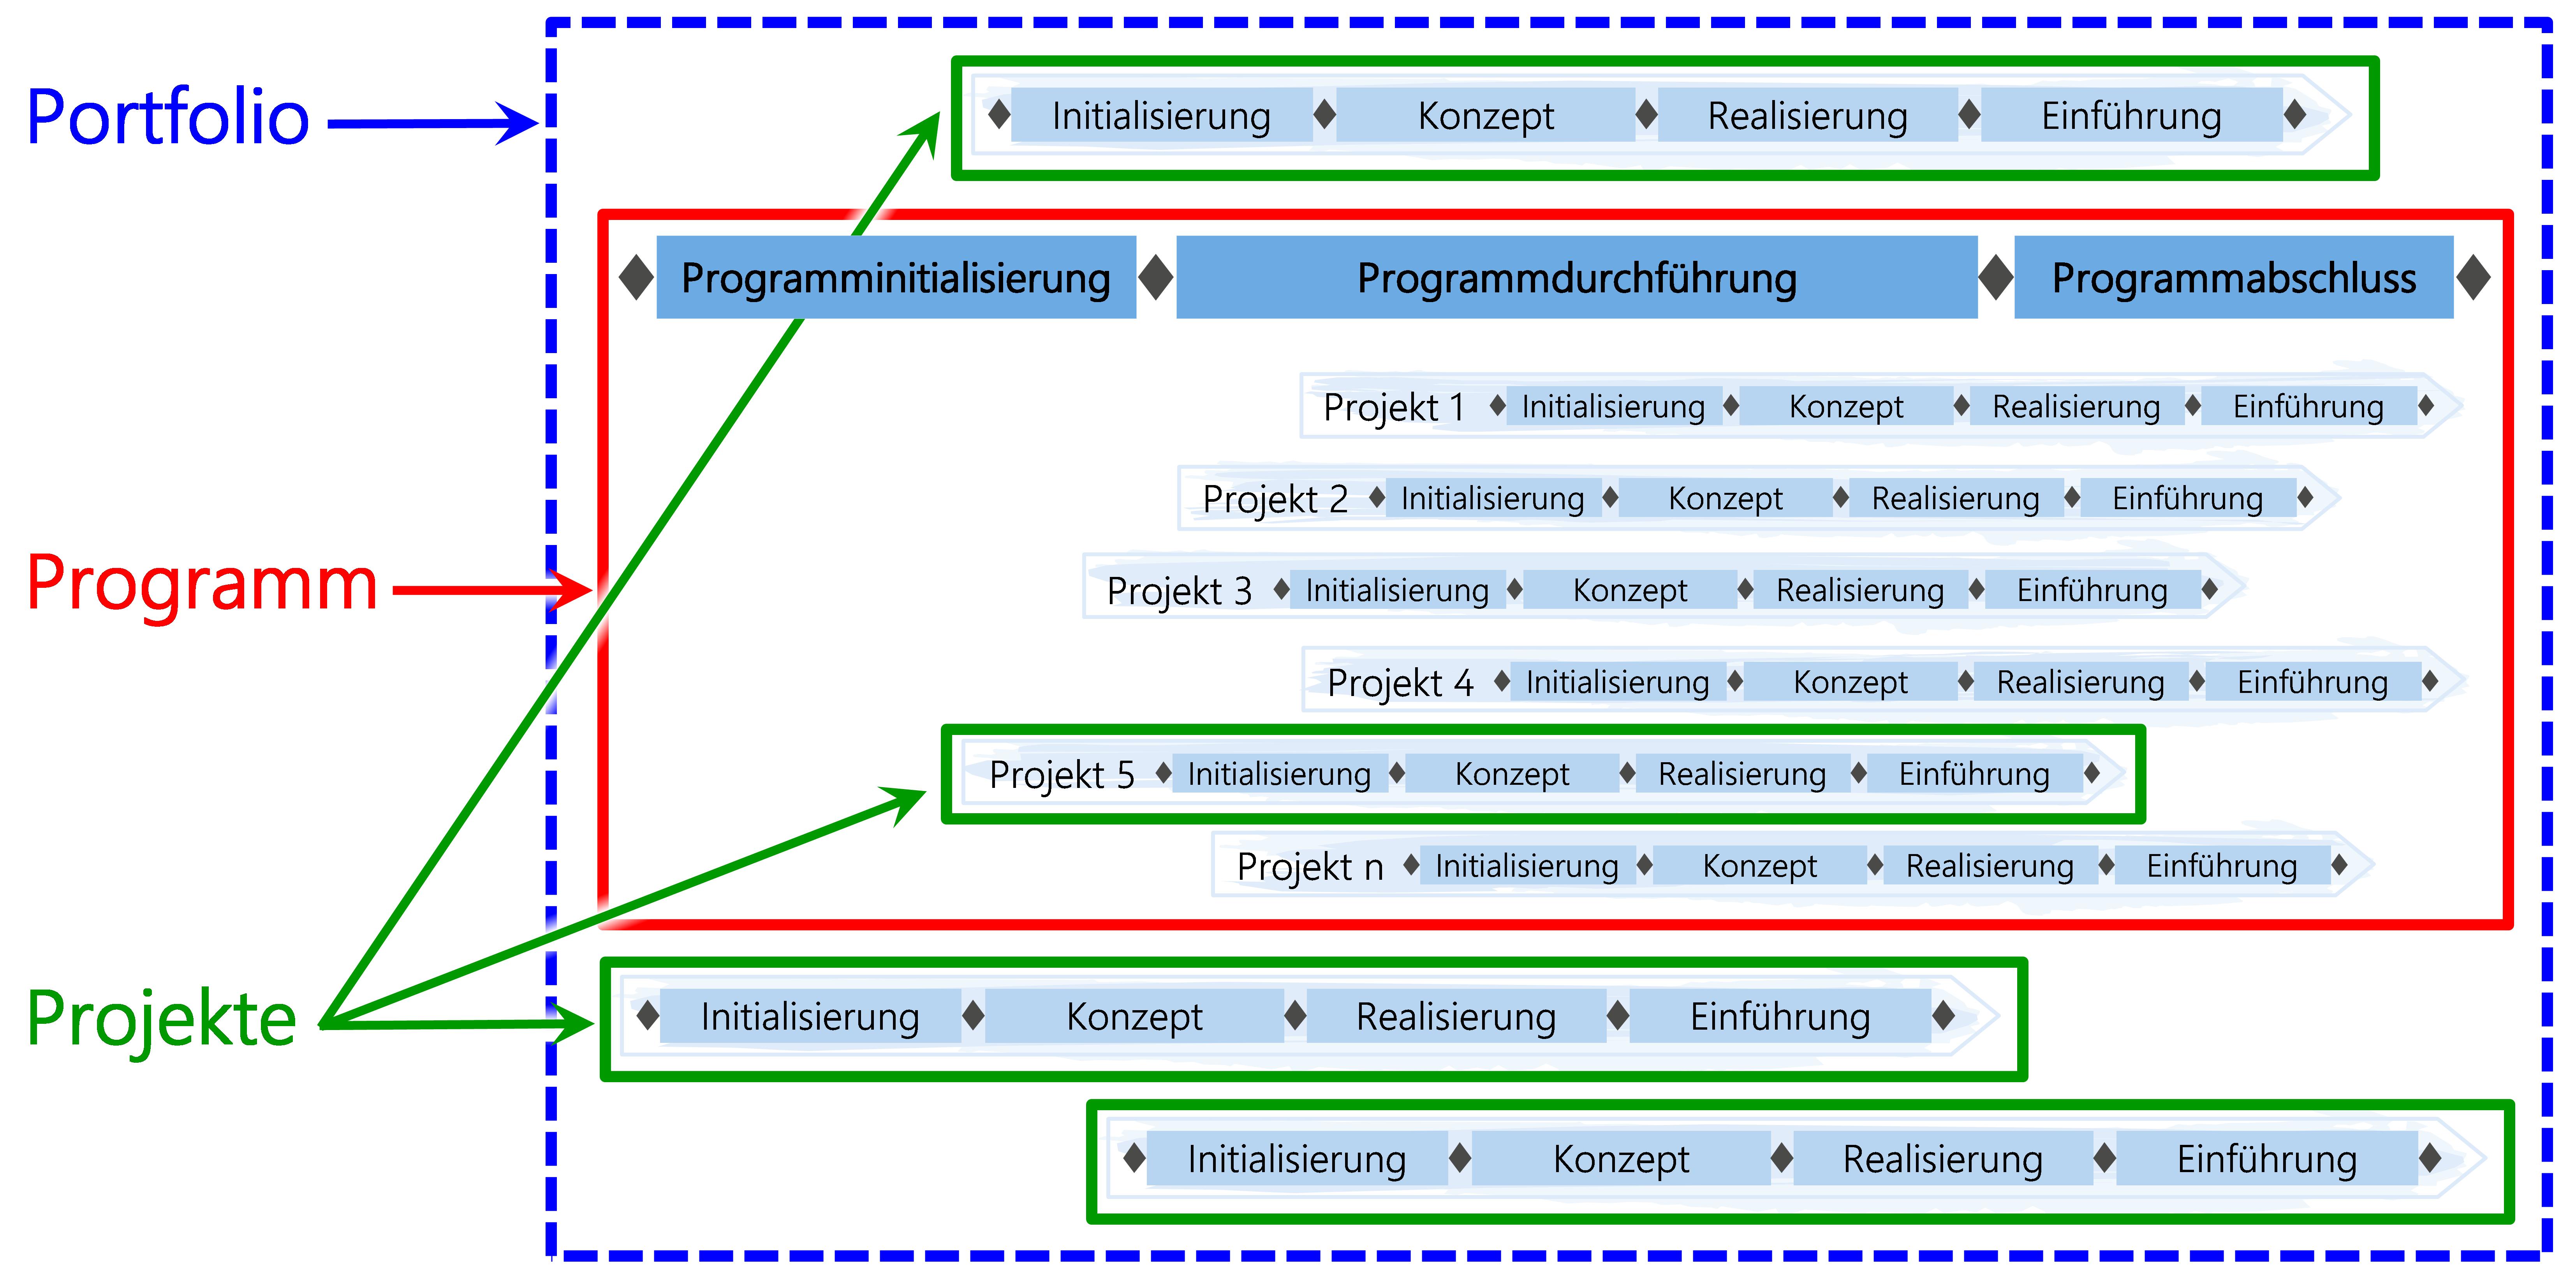 Abbildung1: Positionierung Programmmanagement